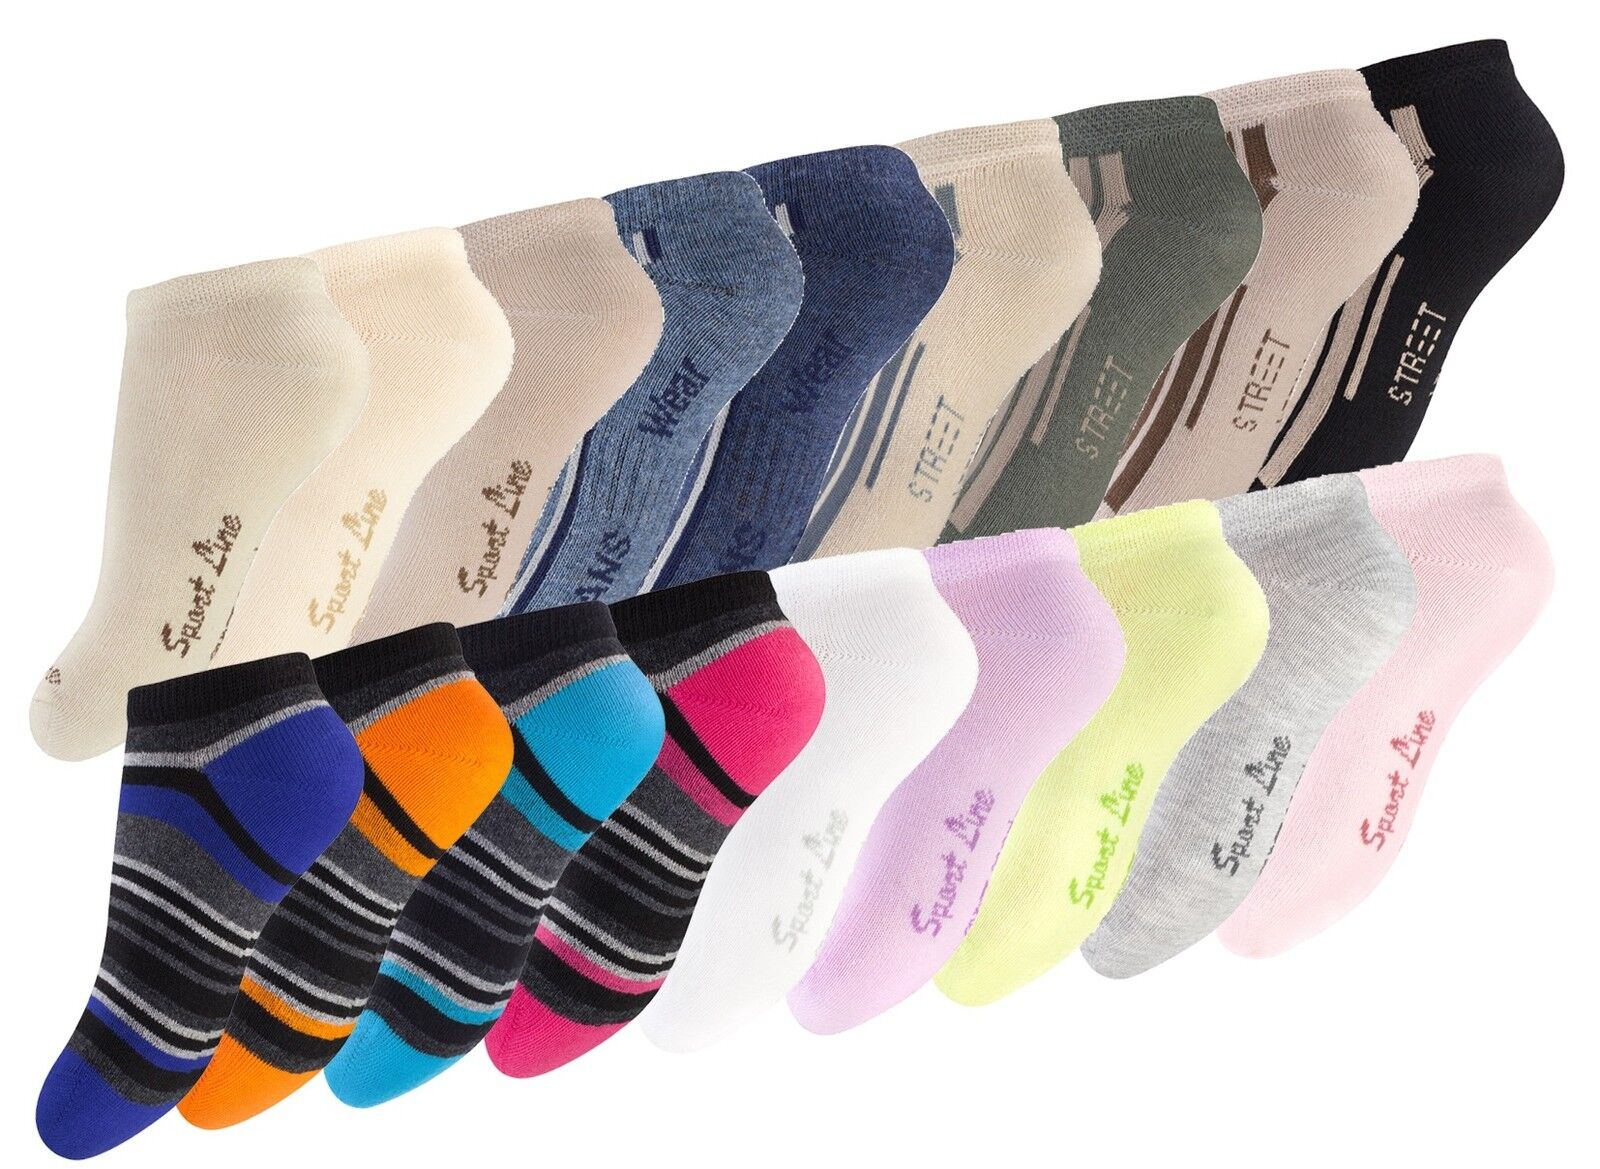 8 Paar Kinder Sneaker Socken Kurzsocken Kids Strümpfe Füßlinge Trendige Farben